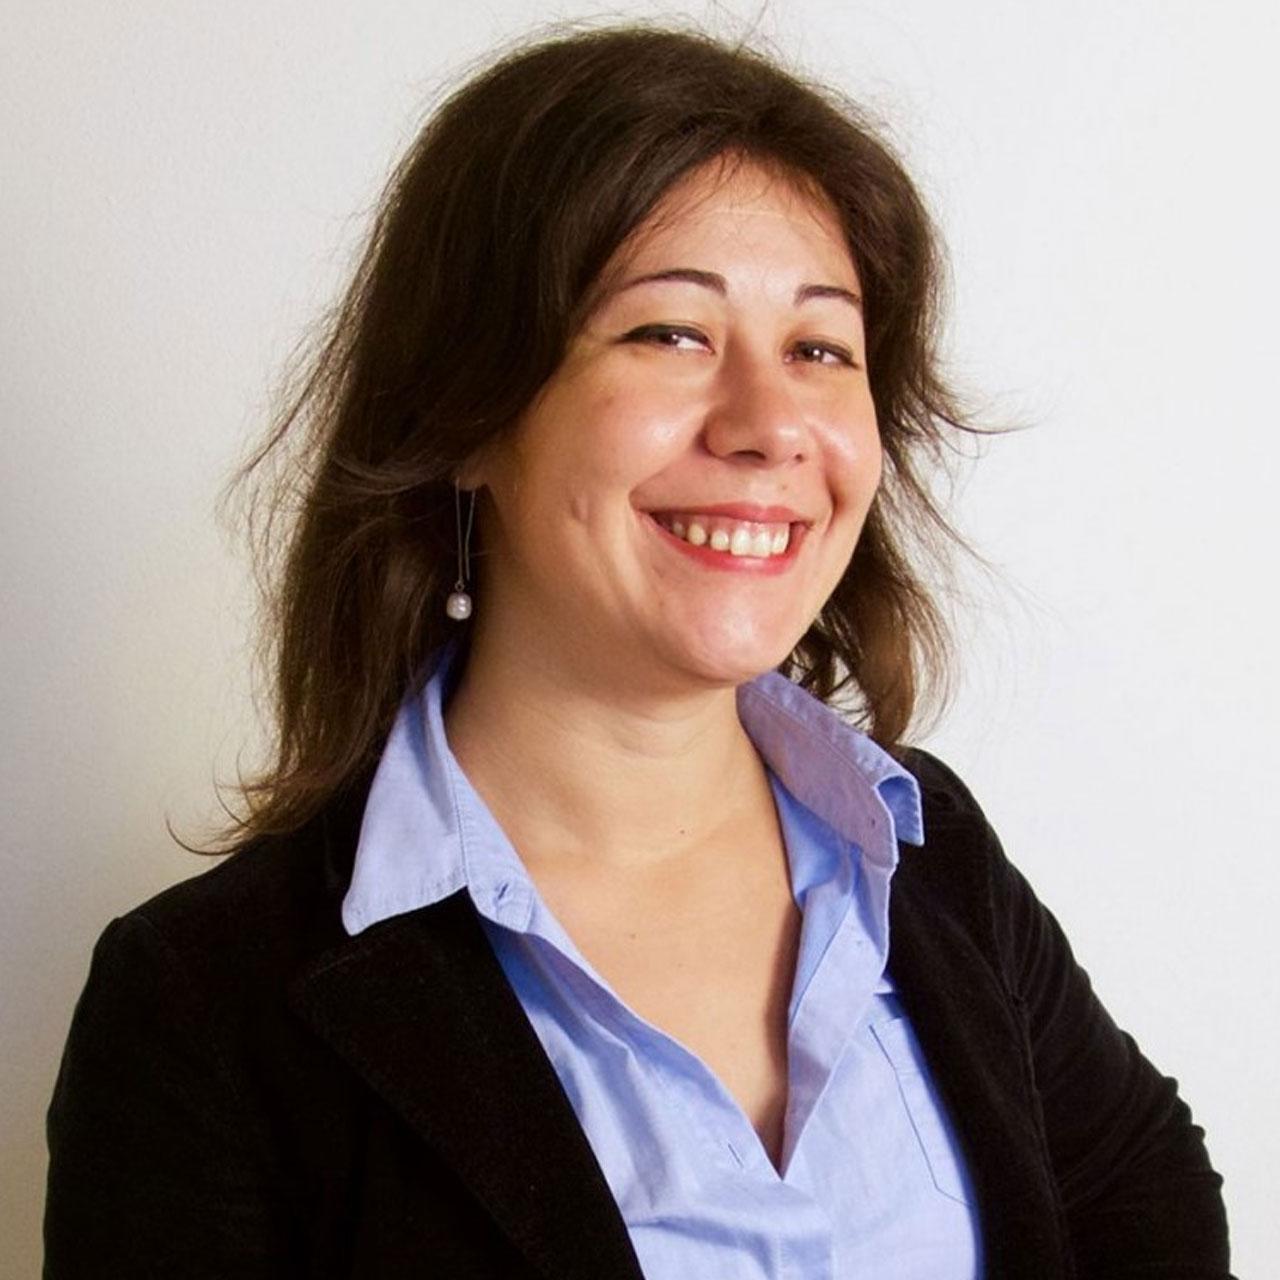 Francesca Vignozzi